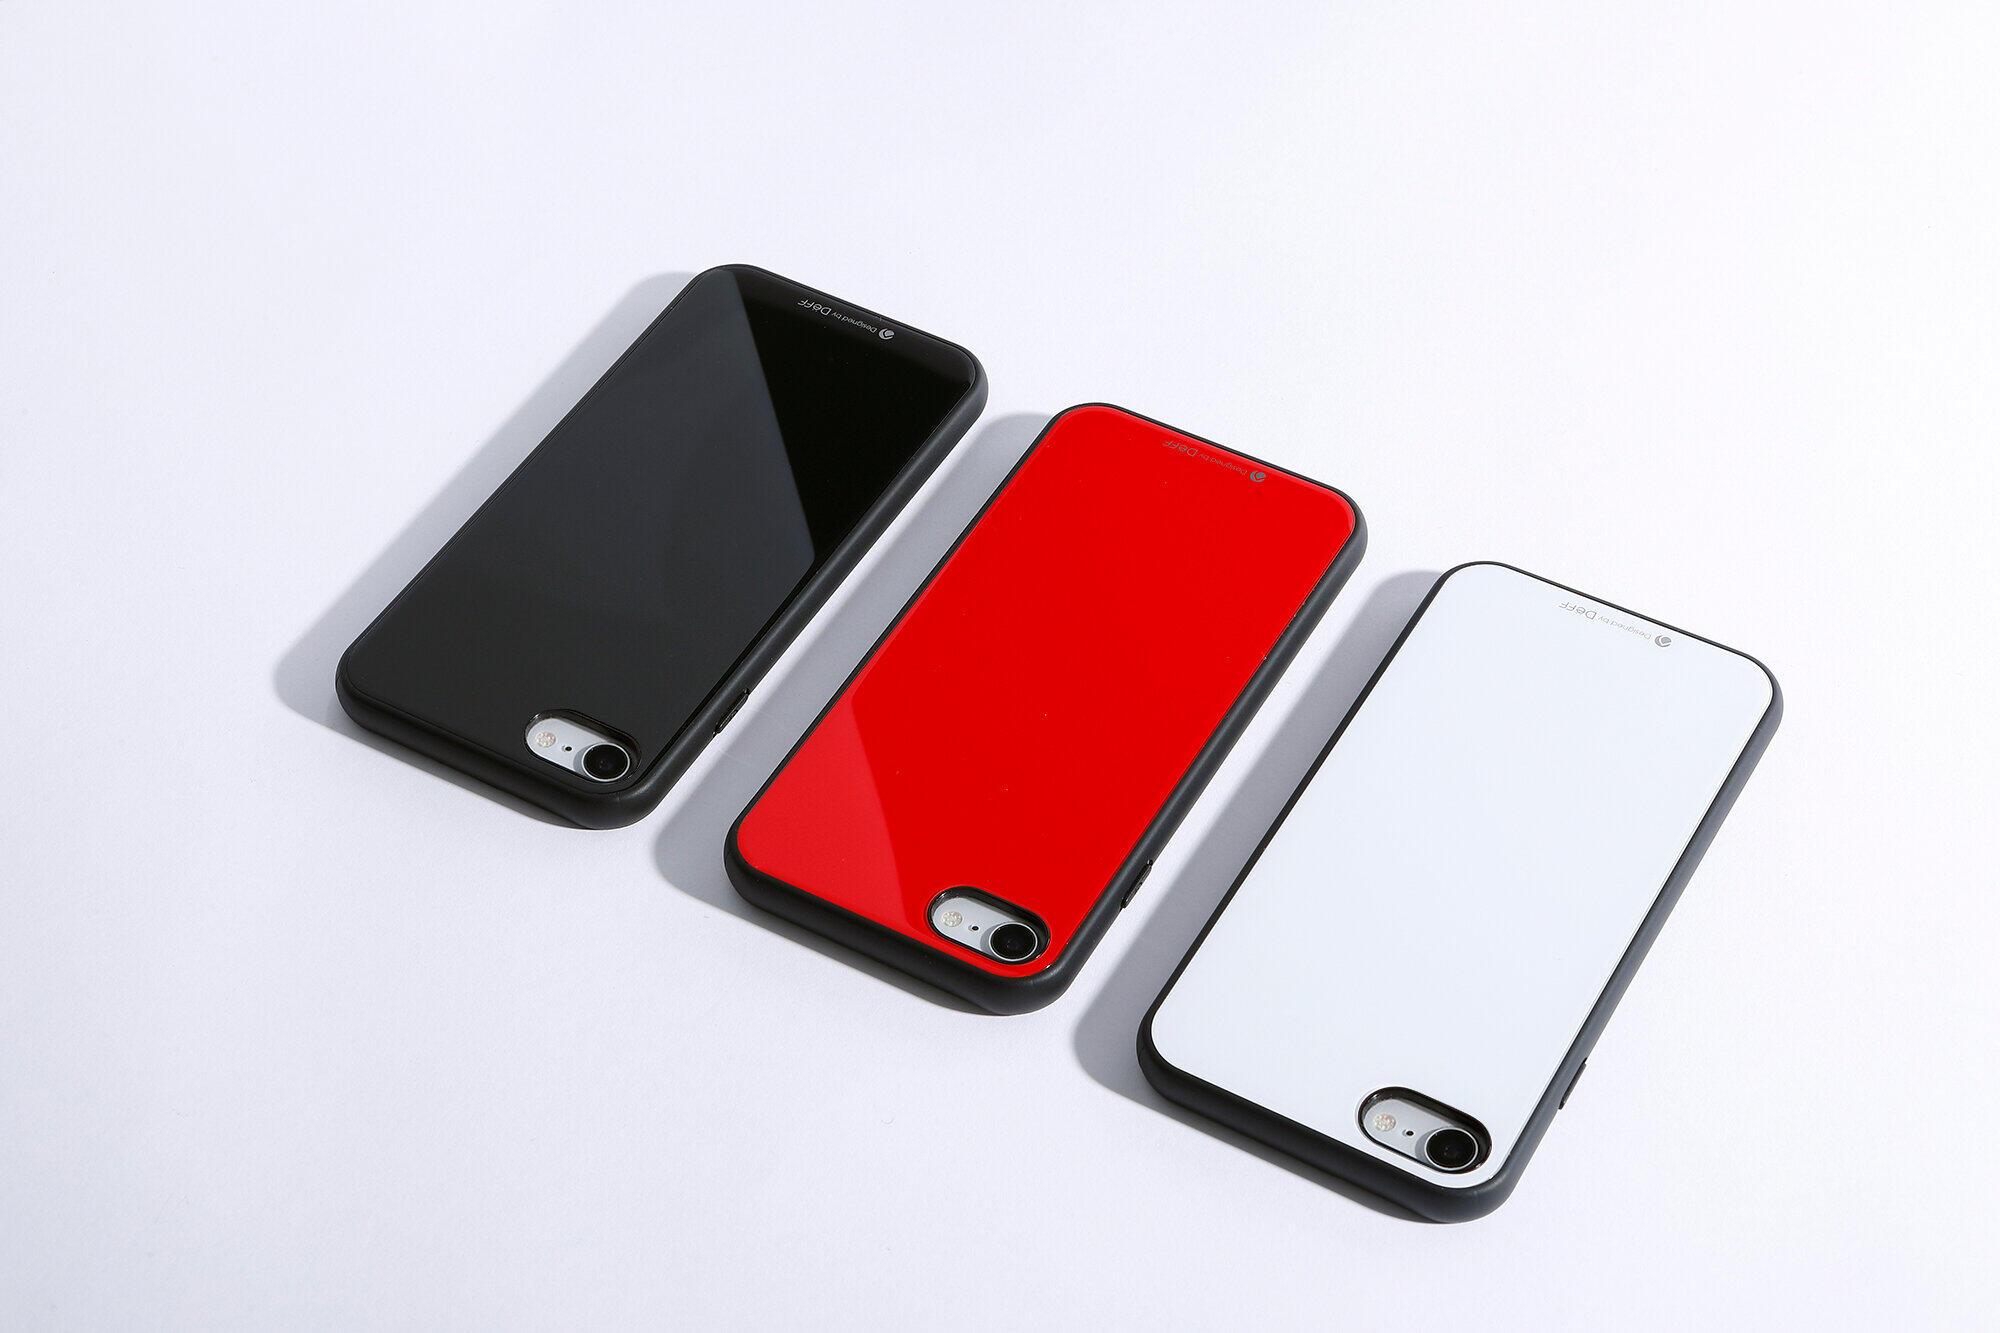 新iPhone SEケース3種 装着したままワイヤレス充電